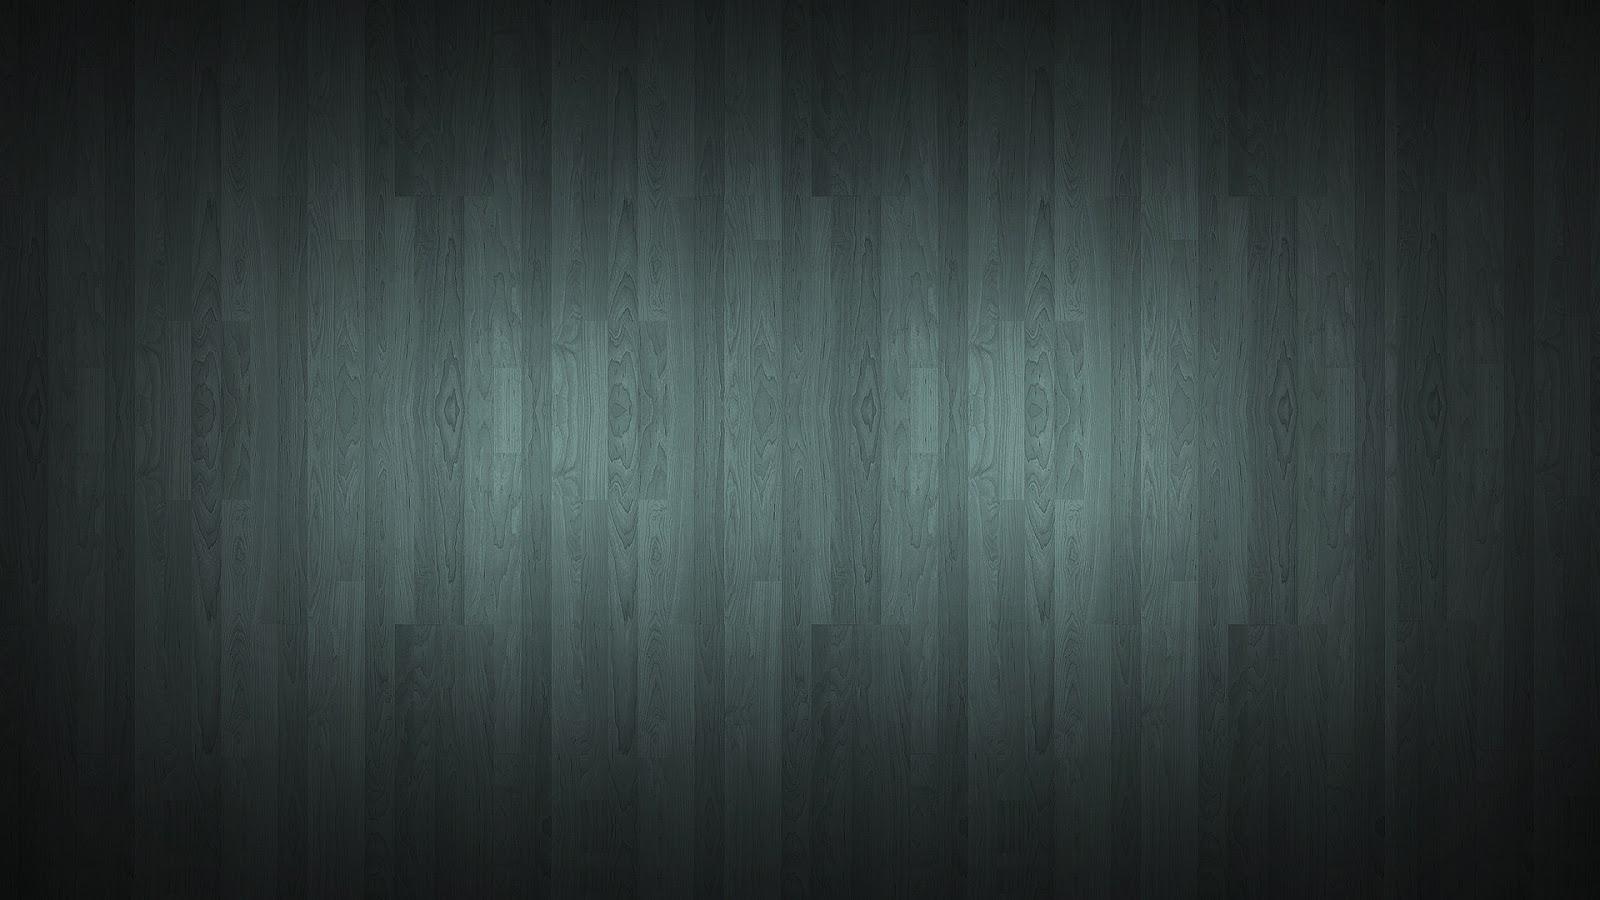 Dark textured background design patterns website images for Spotlight design